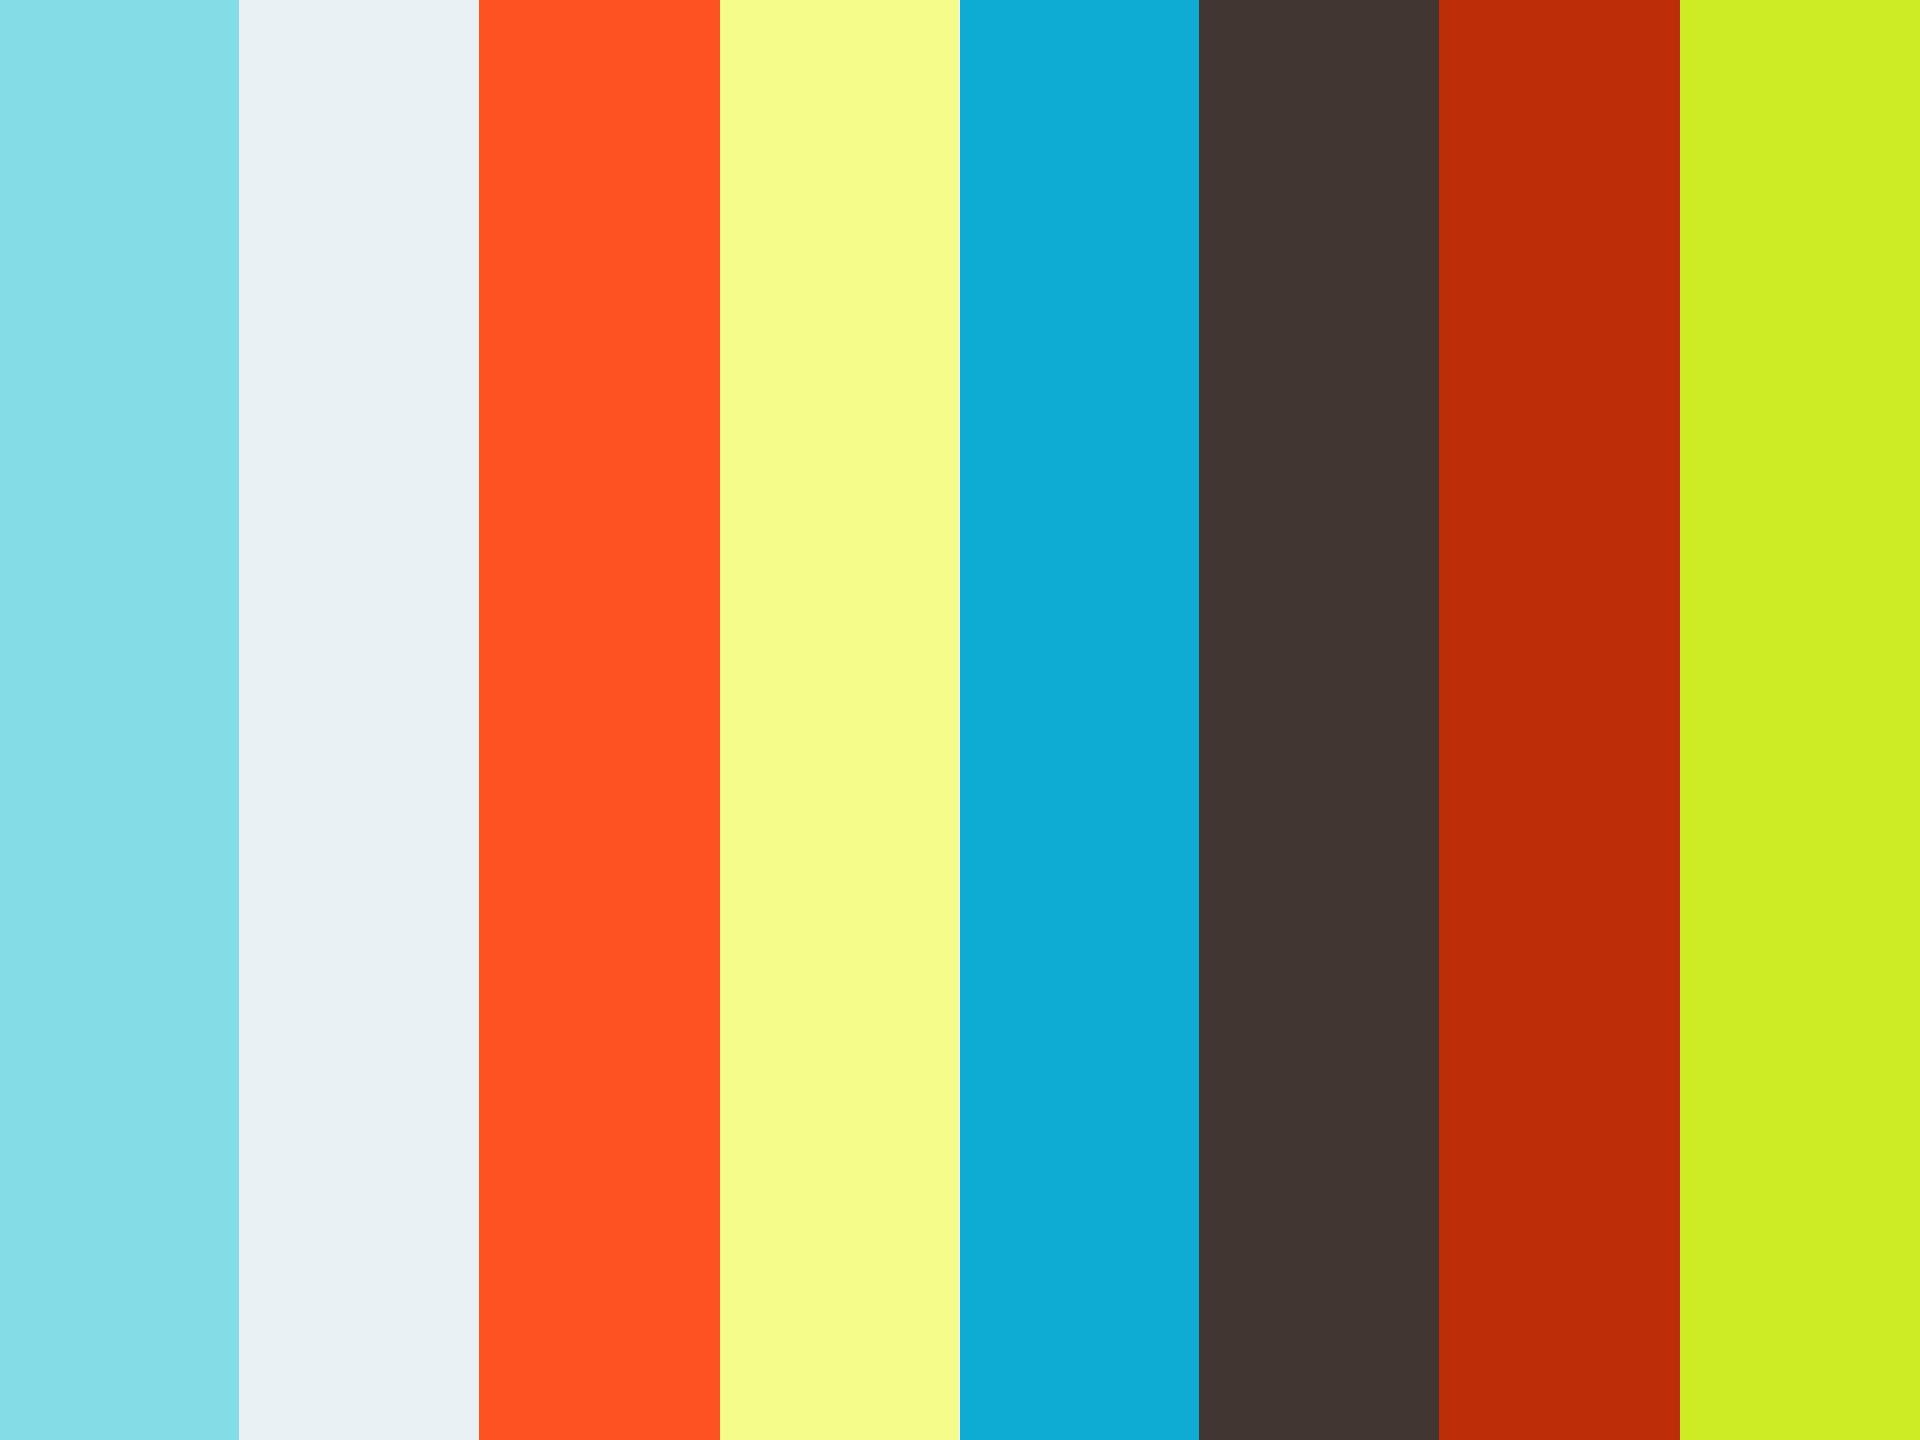 شرح جديد لتثبيت Pbboard 3.0.3 على إستضافات بايت وإبقى ومايشبهها